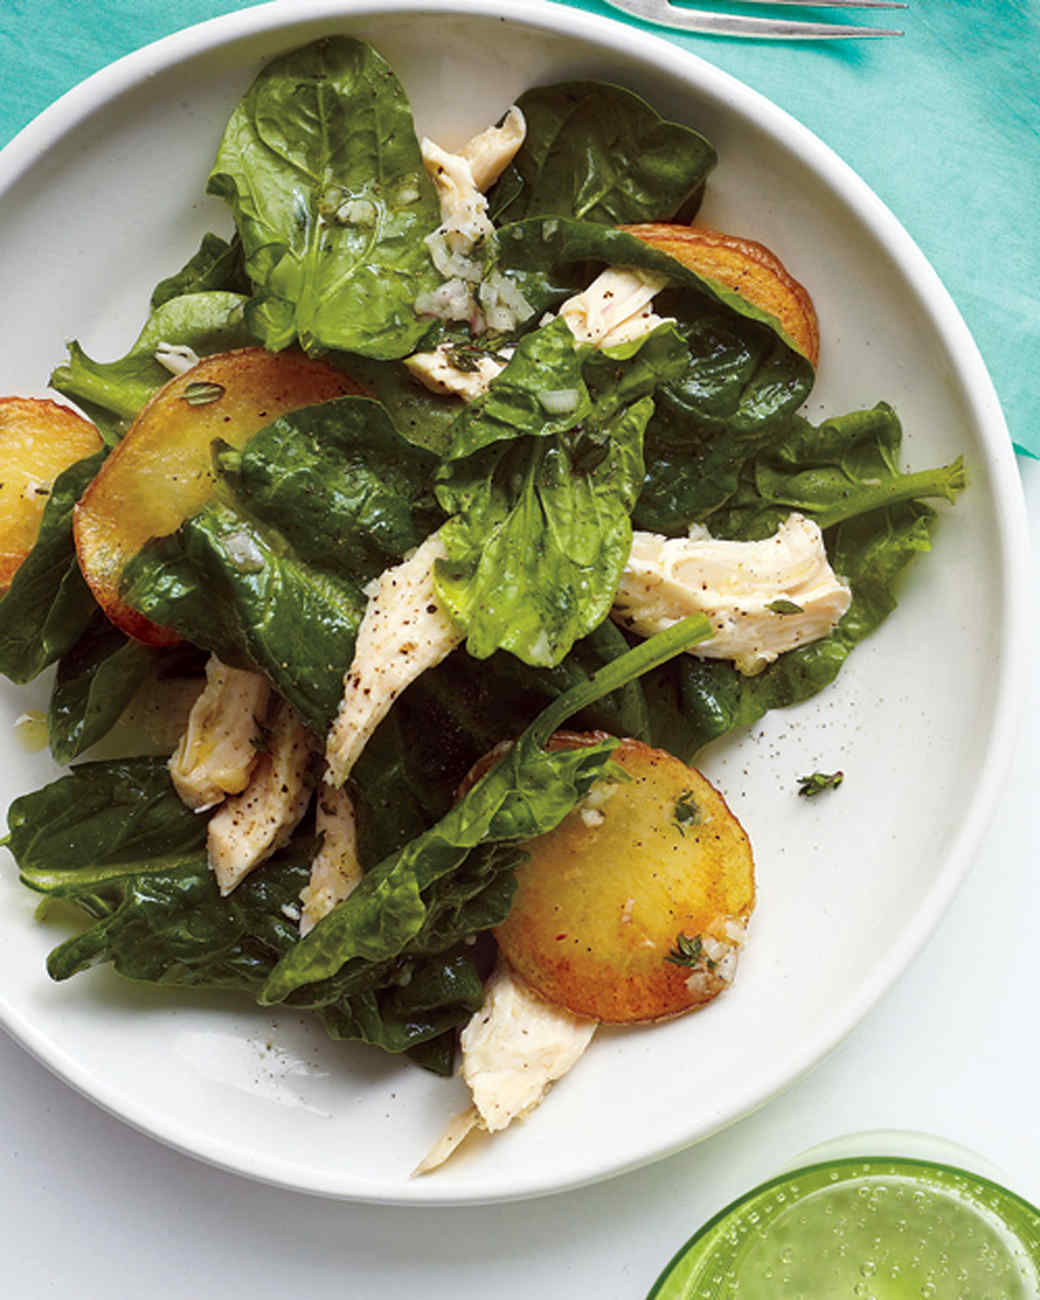 med105604_0610_spinach_salad.jpg